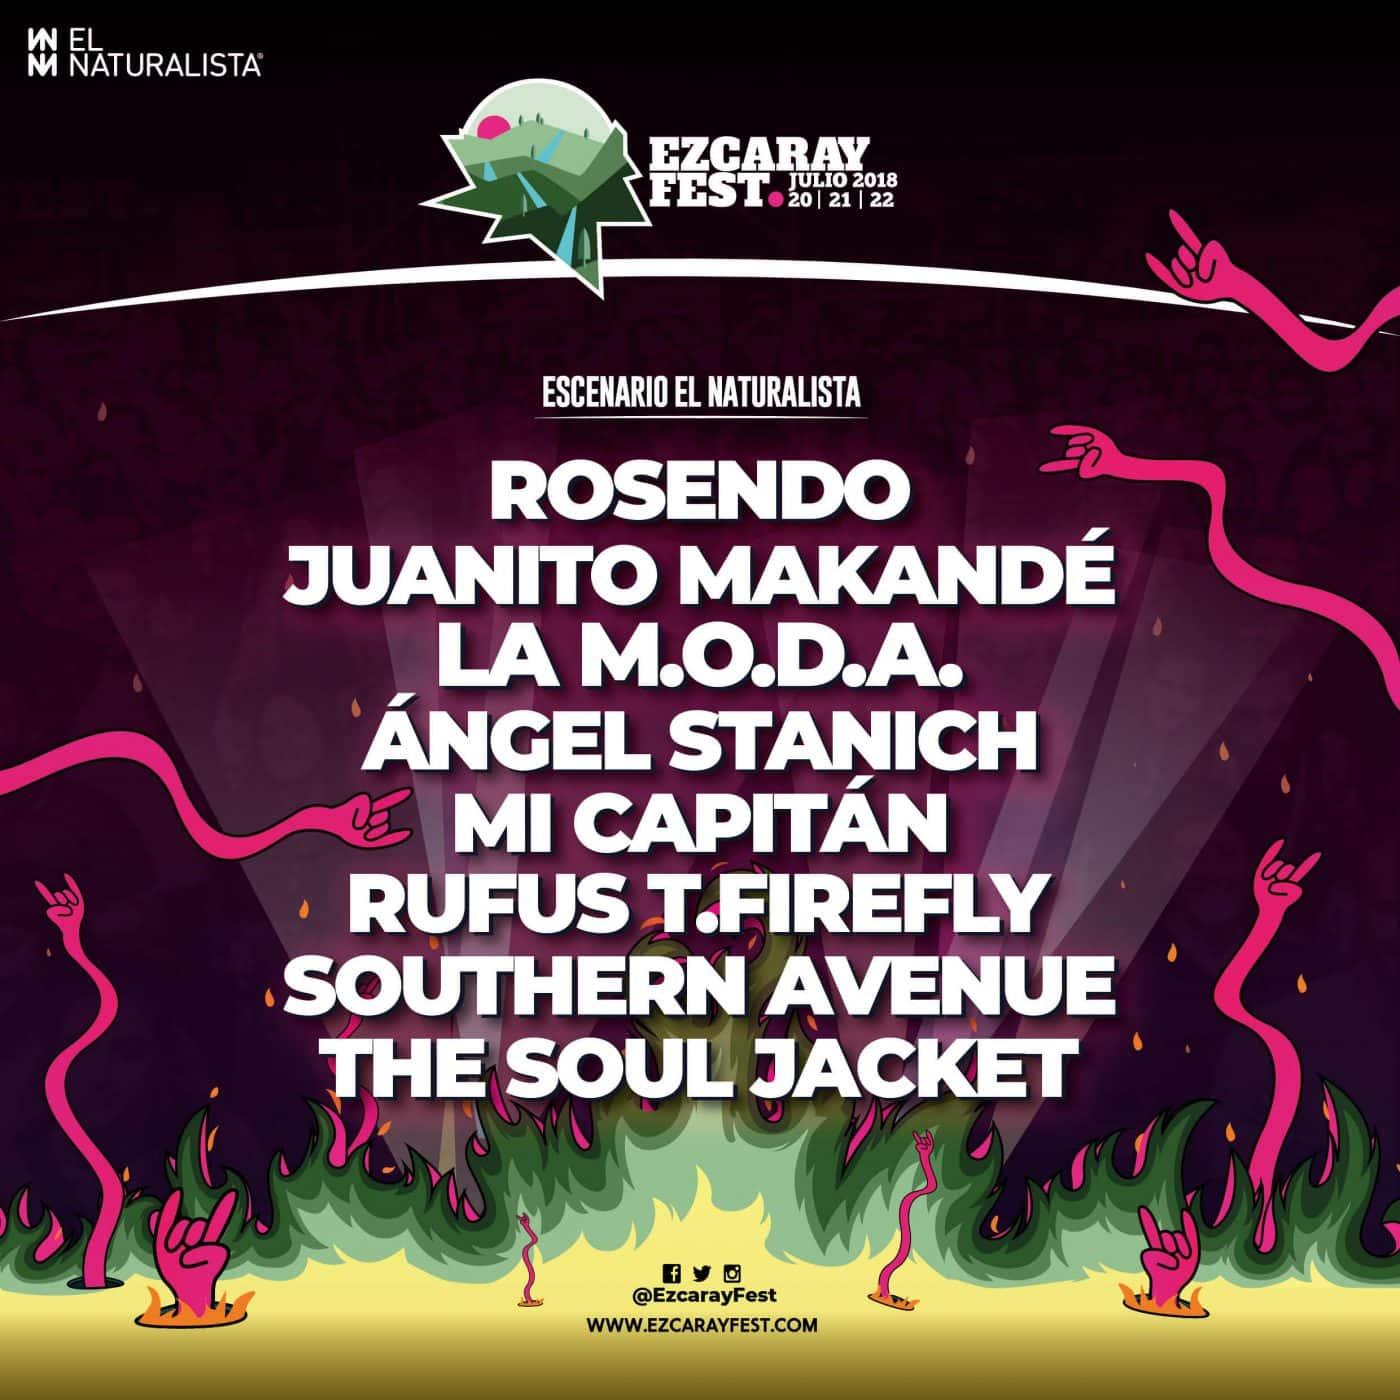 Rosendo, Juanito Makandé, Mi Capitán, Southern Avenue y The Soul Jacket cierran el cartel de Ezcaray Fest 2018 1